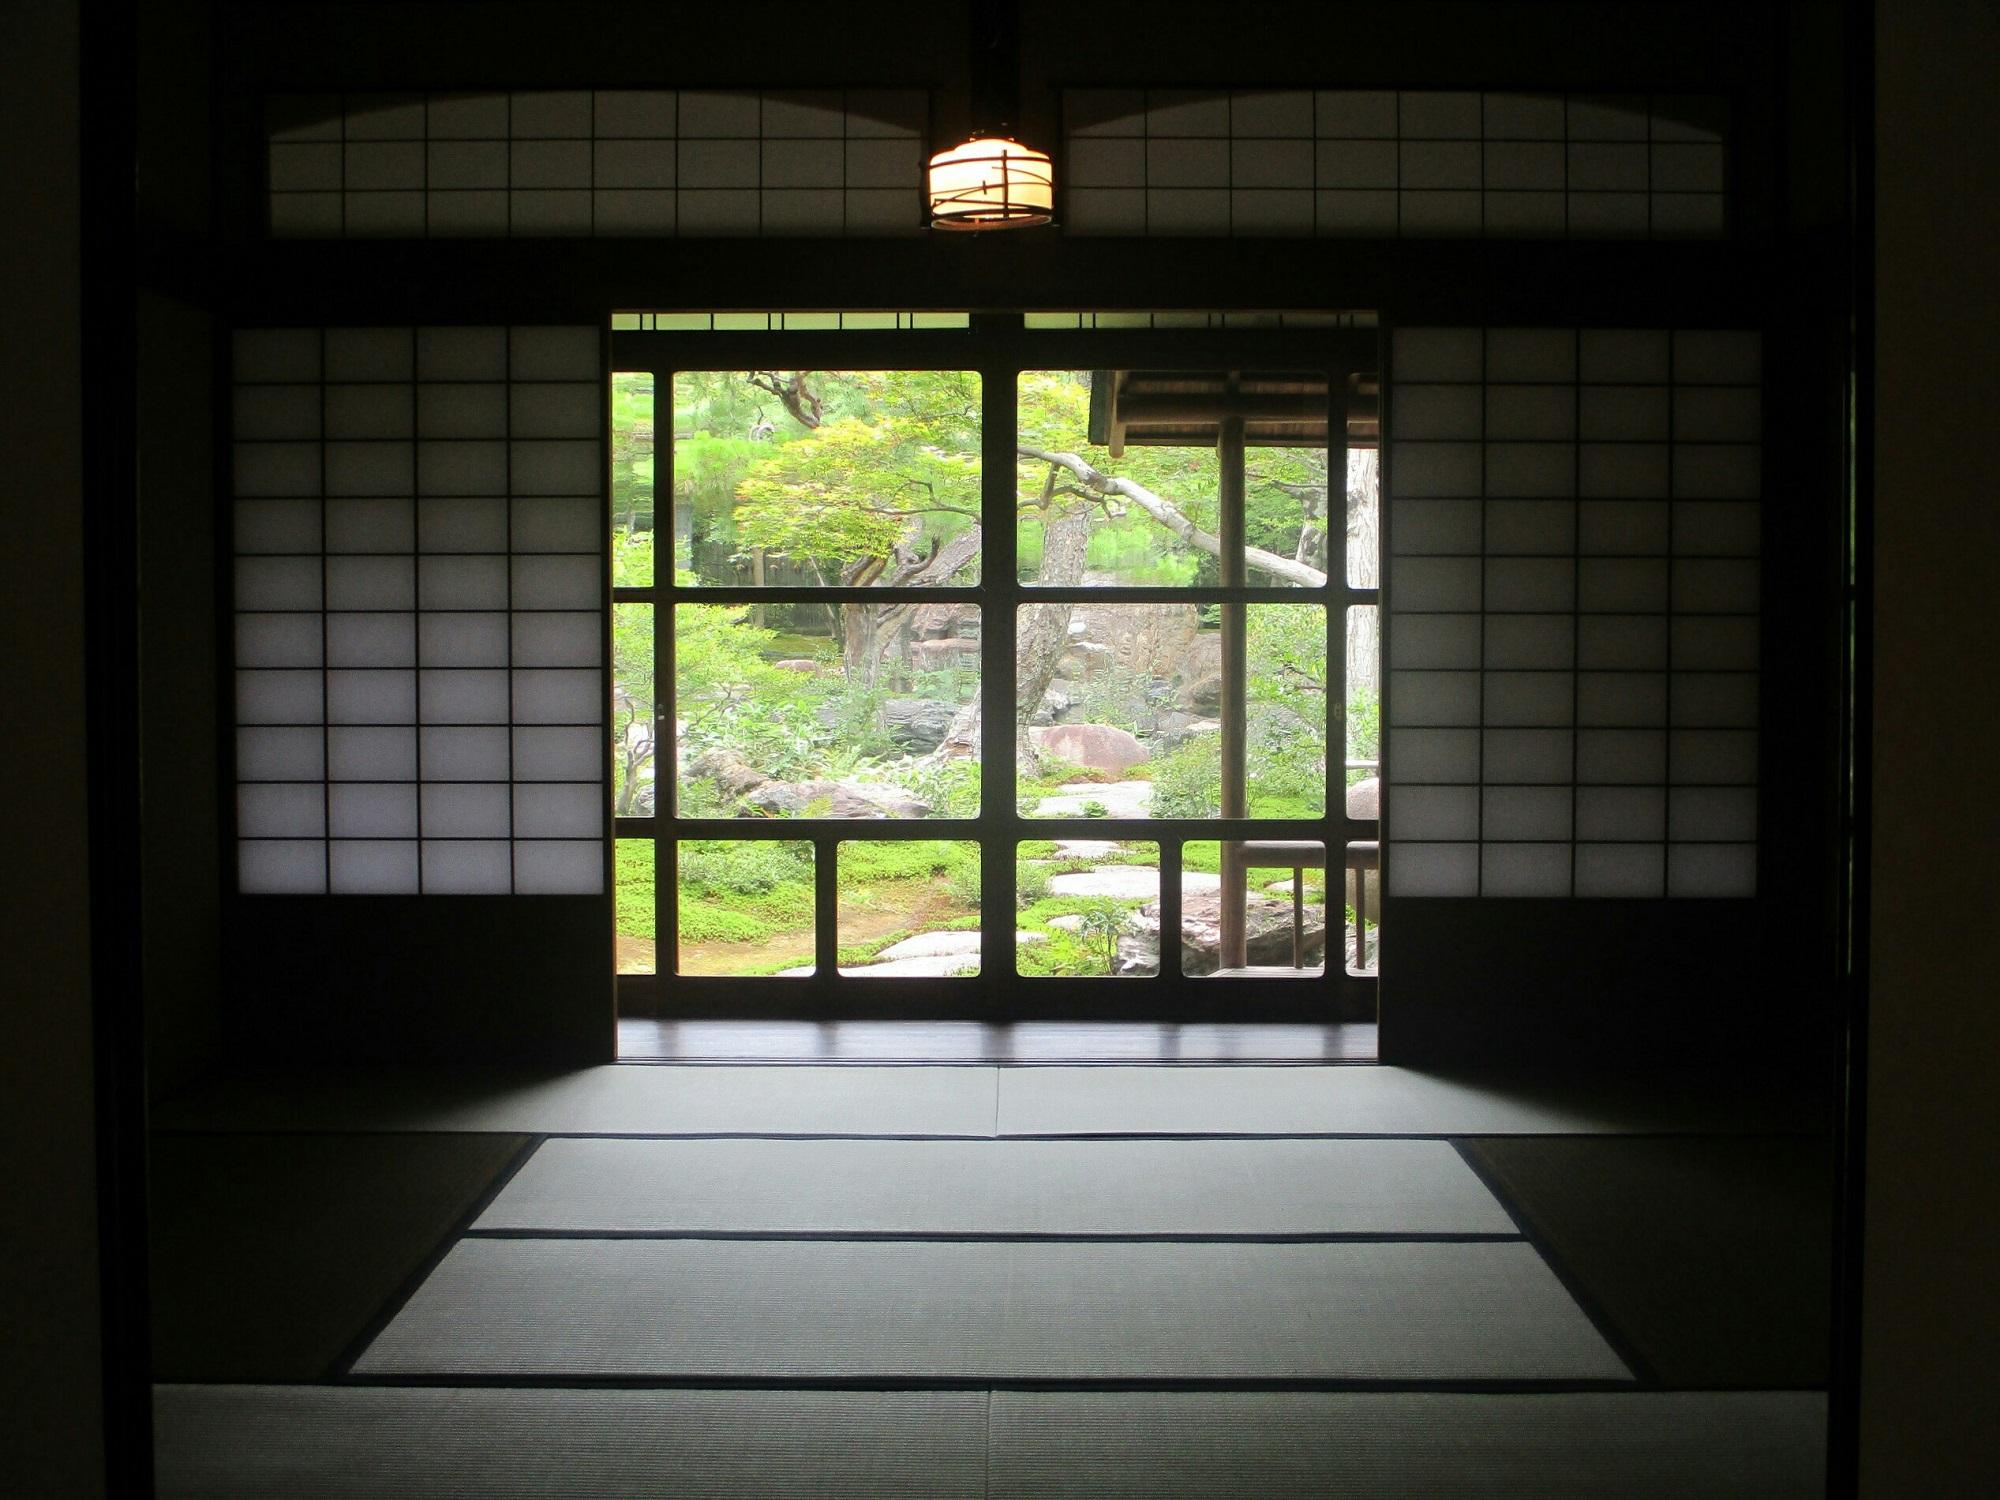 2019.7.10 (5) 尾西歴史民俗資料館 - 旧林家住宅 2000-1500